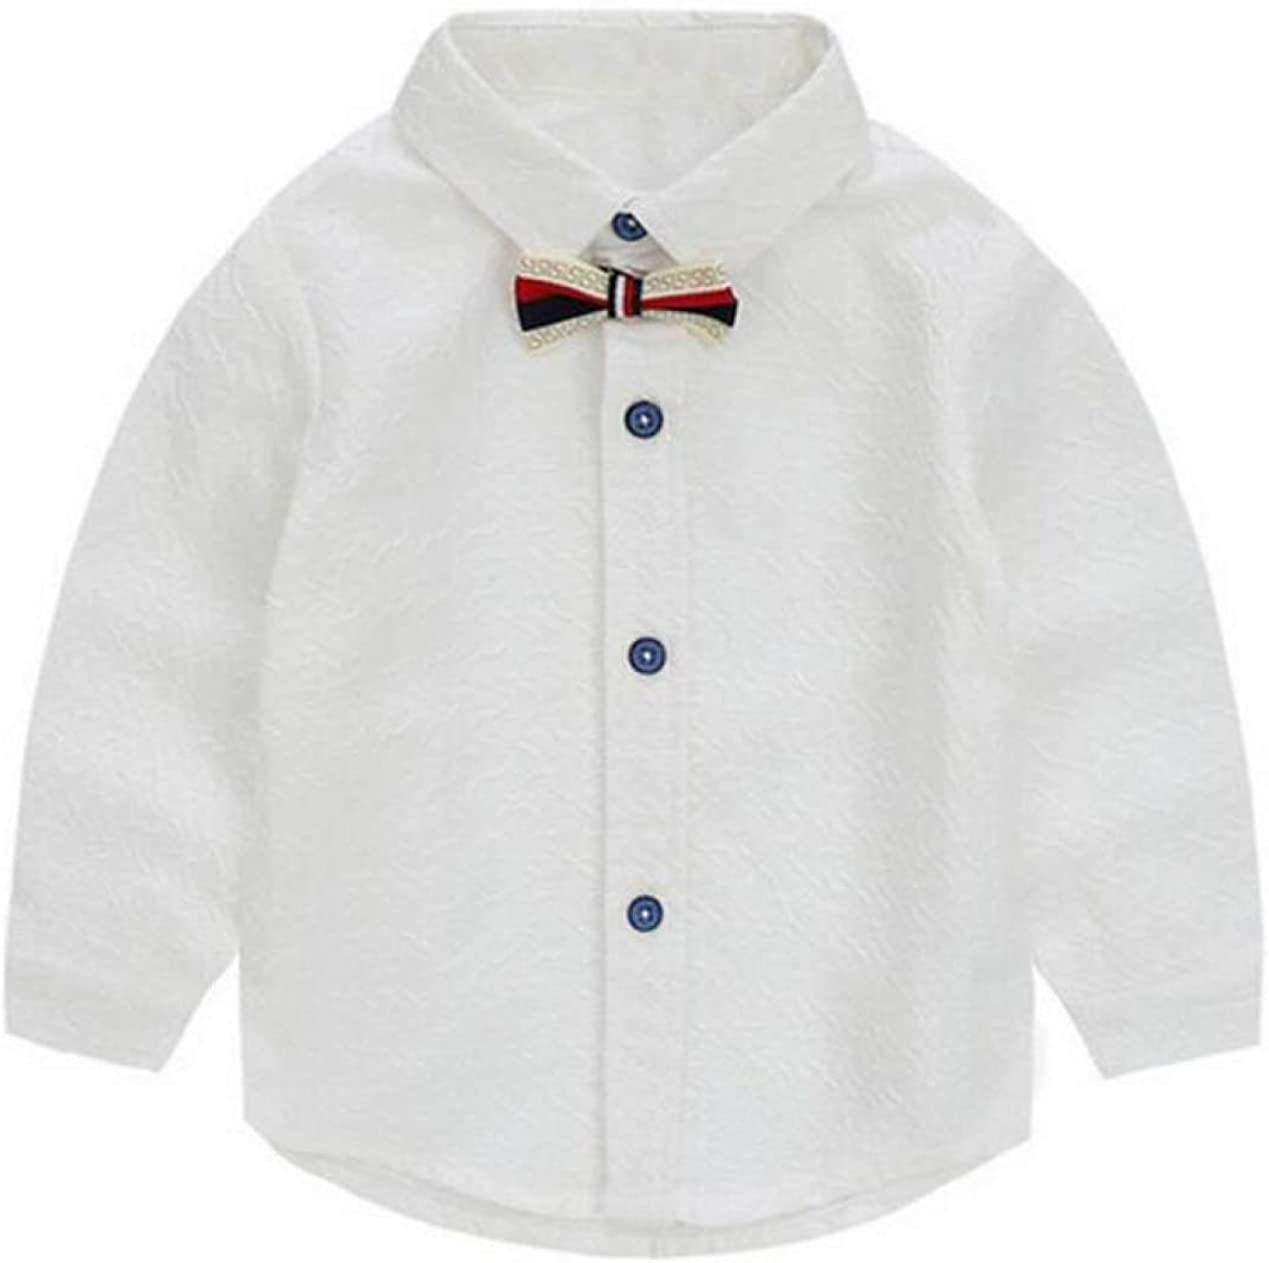 ZGJQ Chicos Camisa Blanca Pura De Un Niño Salvaje Lazo Camiseta De Manga De La Chaqueta De Primavera Camisa De Cuello De La Camisa Y El Otoño, White-120cm: Amazon.es: Ropa y accesorios